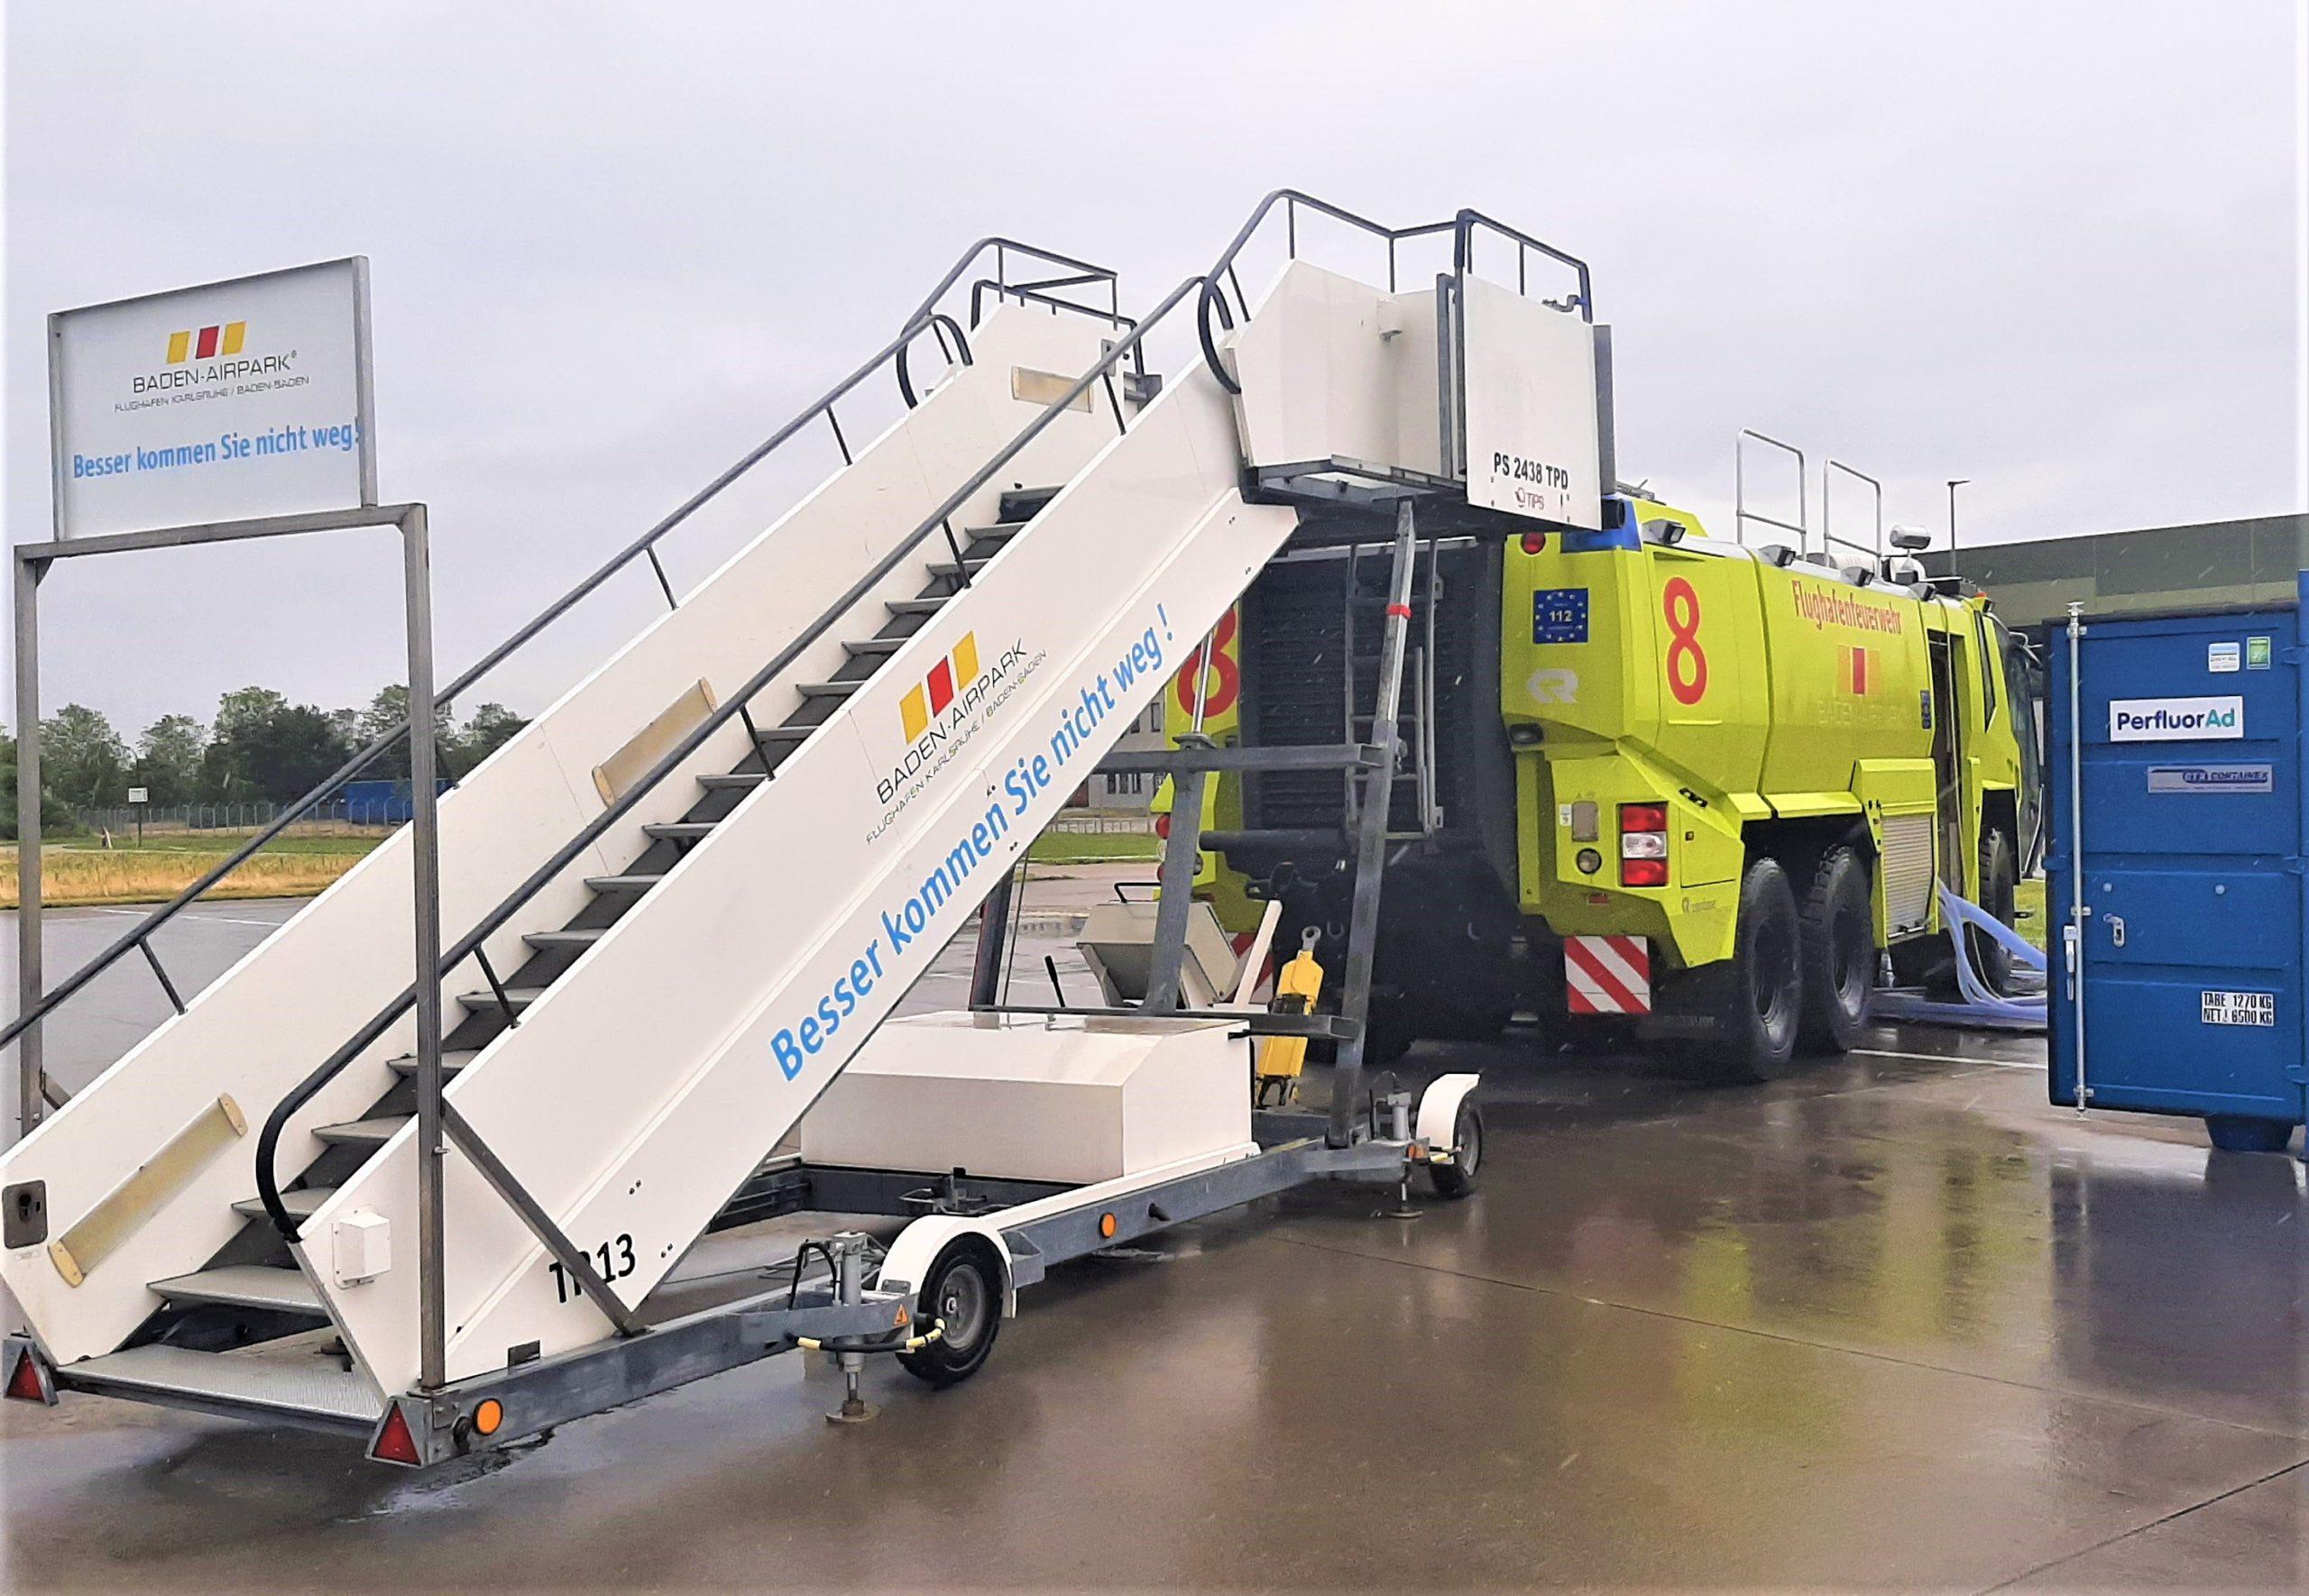 Anwendung der PerfluorAd-Technologie zum Abtrag von PFC-Verunreinigungen in Löschfahrzeugen der Flughafenfeuerwehr Baden-Airpark